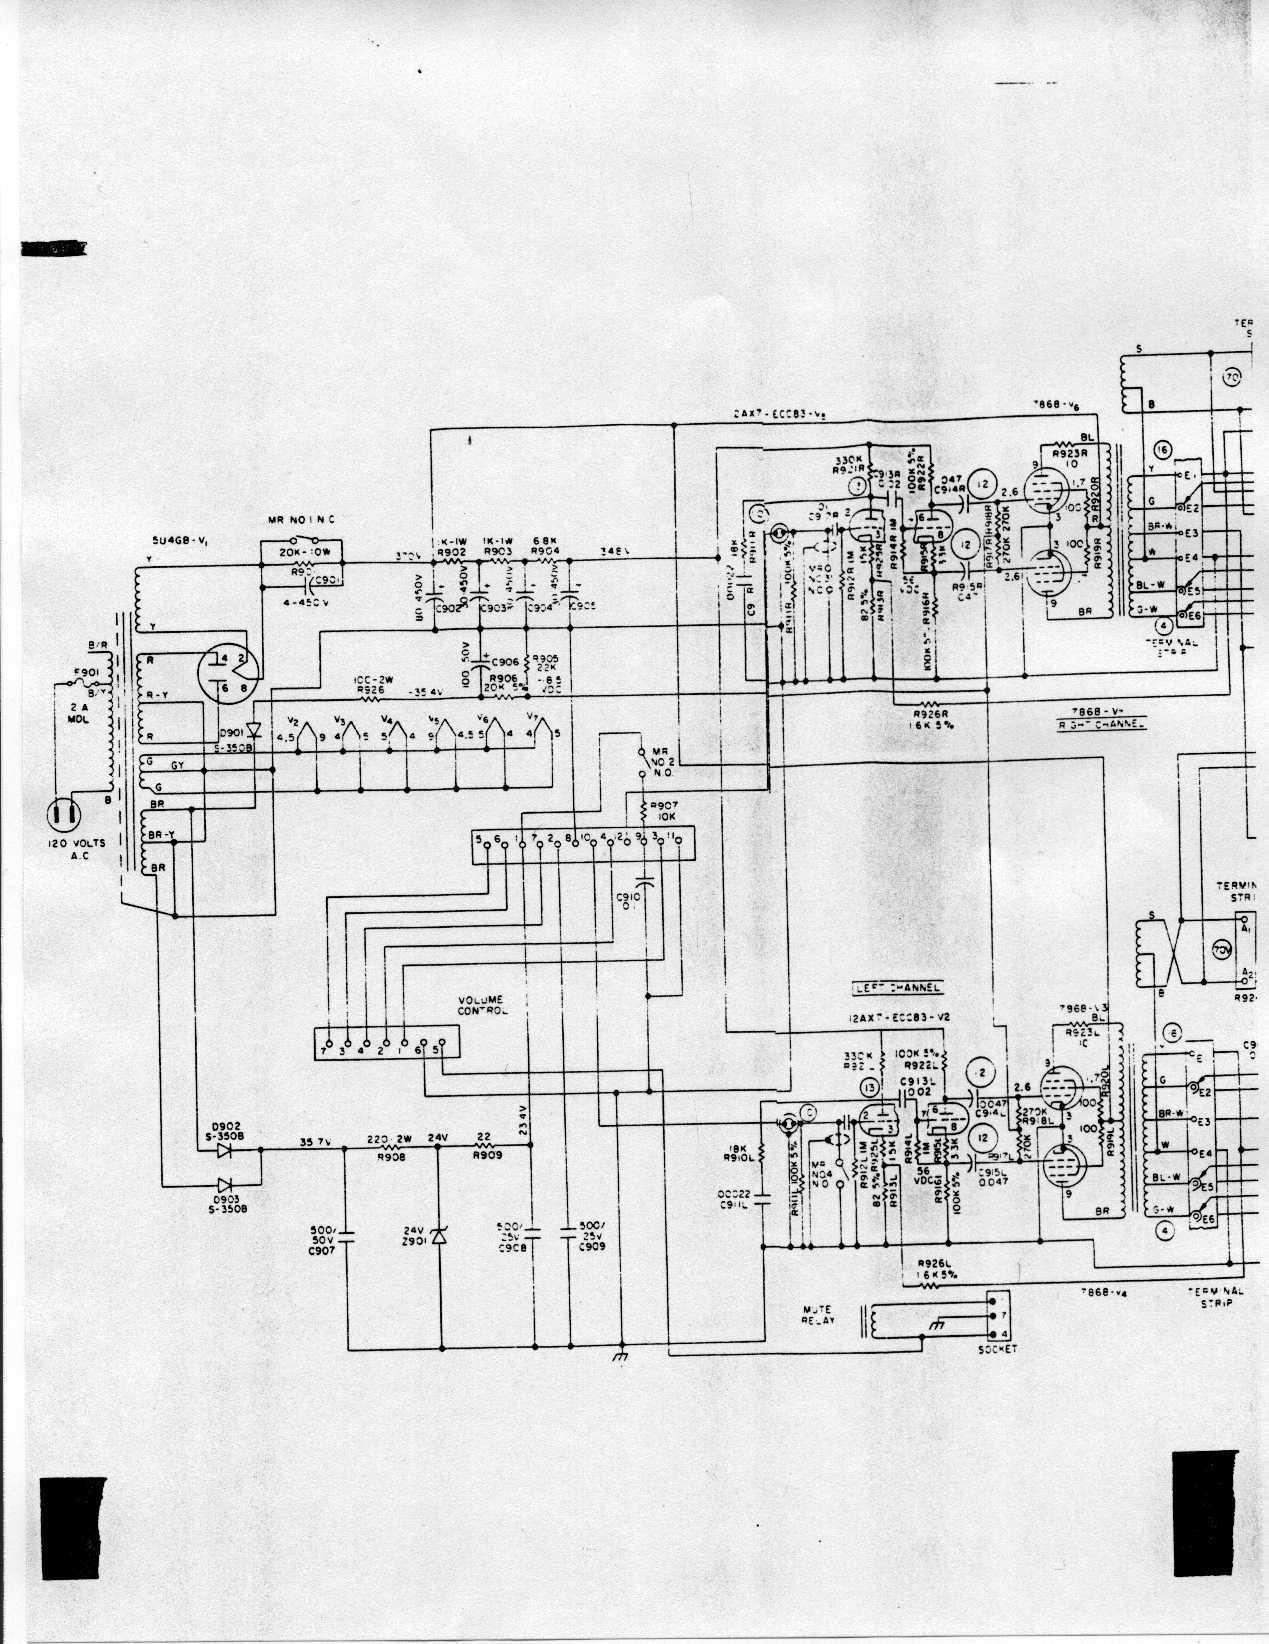 r 4359a schematic – tattlr, Schematic